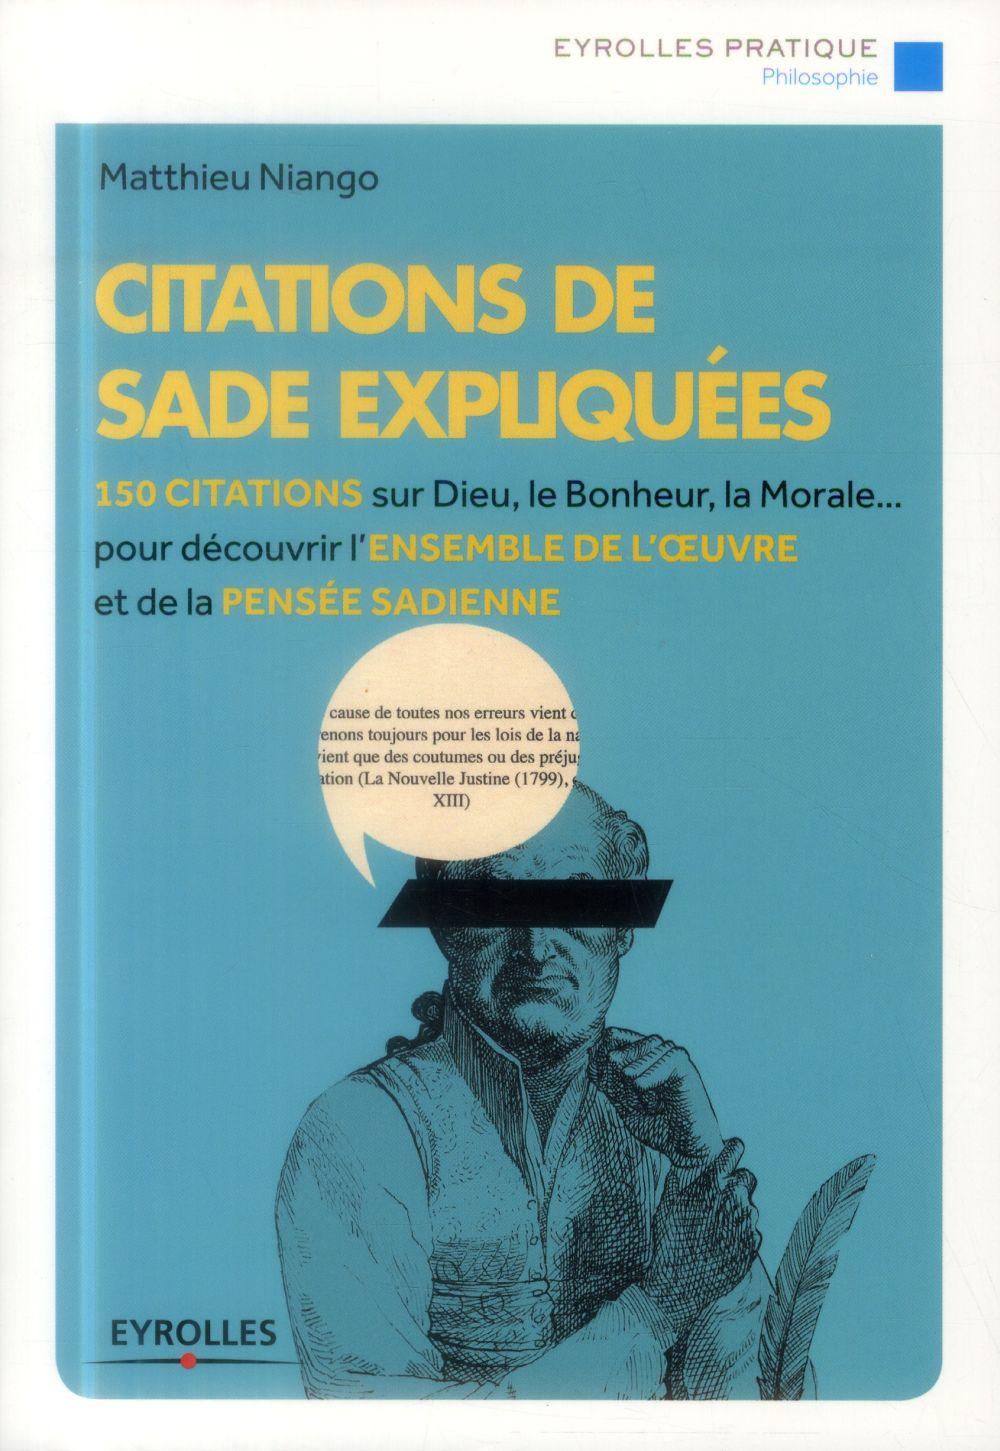 Citations de Sade expliquées ; 150 citations sur dieu, le bonheur, la morale pour découvrir l'ensemble de l'oeuvre et de la pensée sadienne